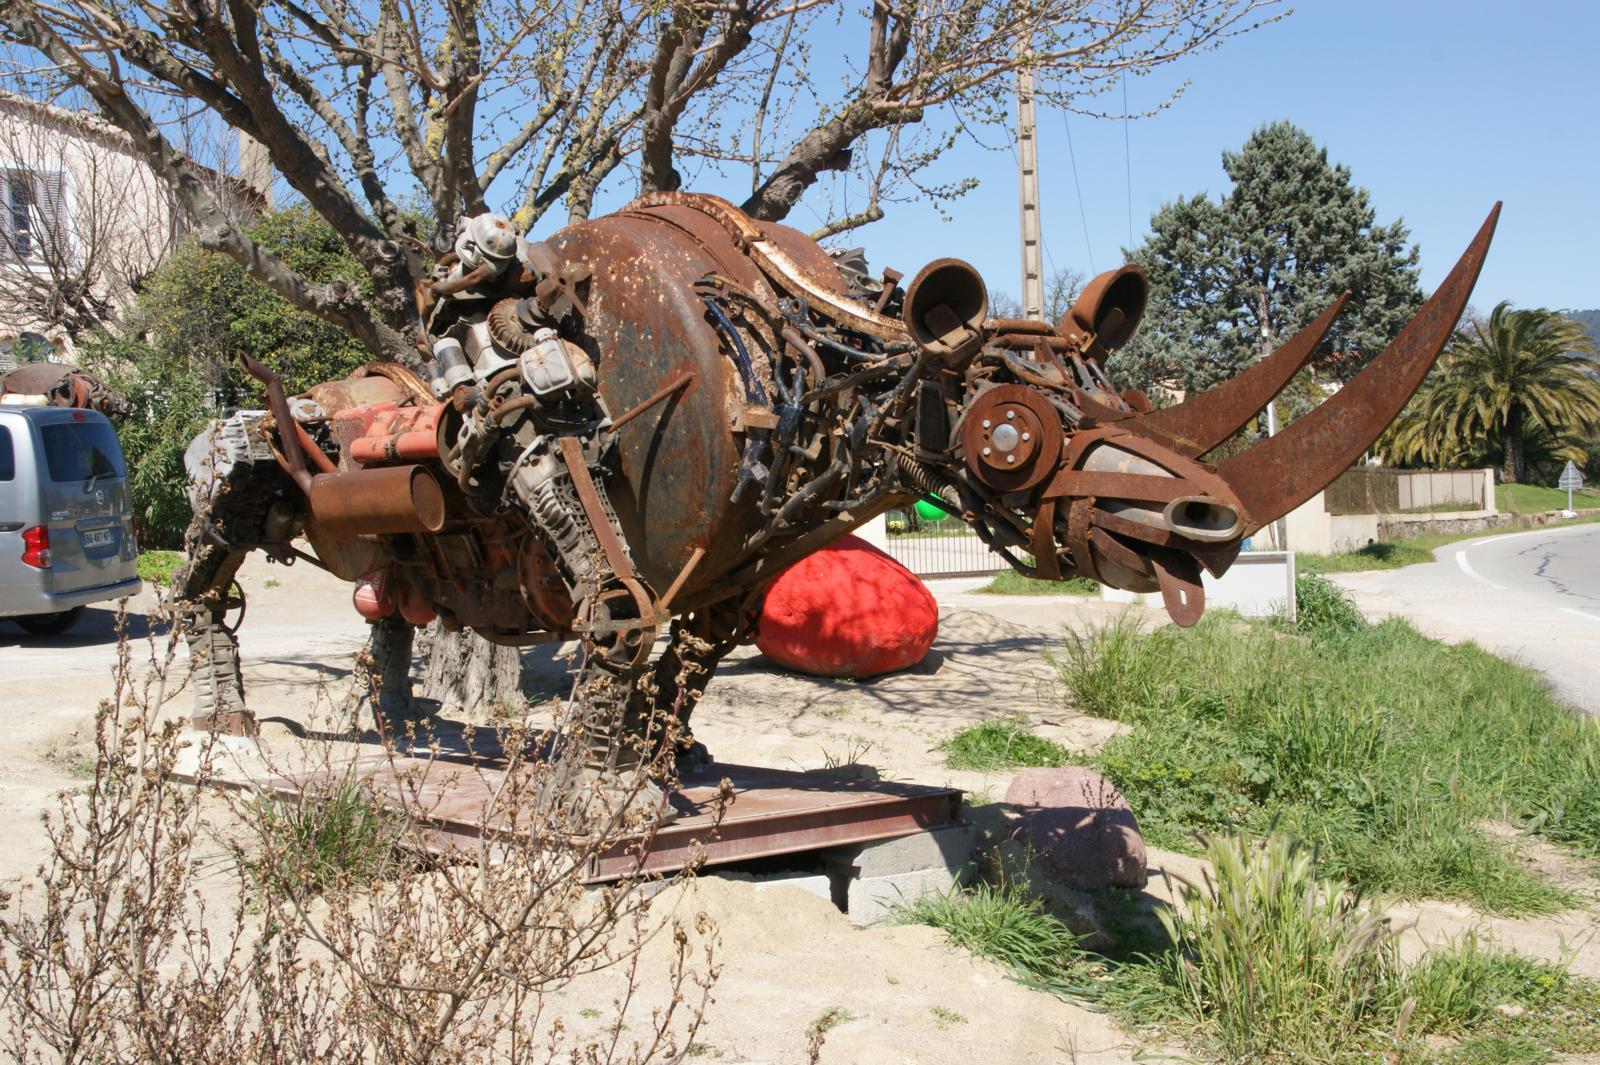 Anschauen - Skulptur aus Metall aus PKW-Altteilen